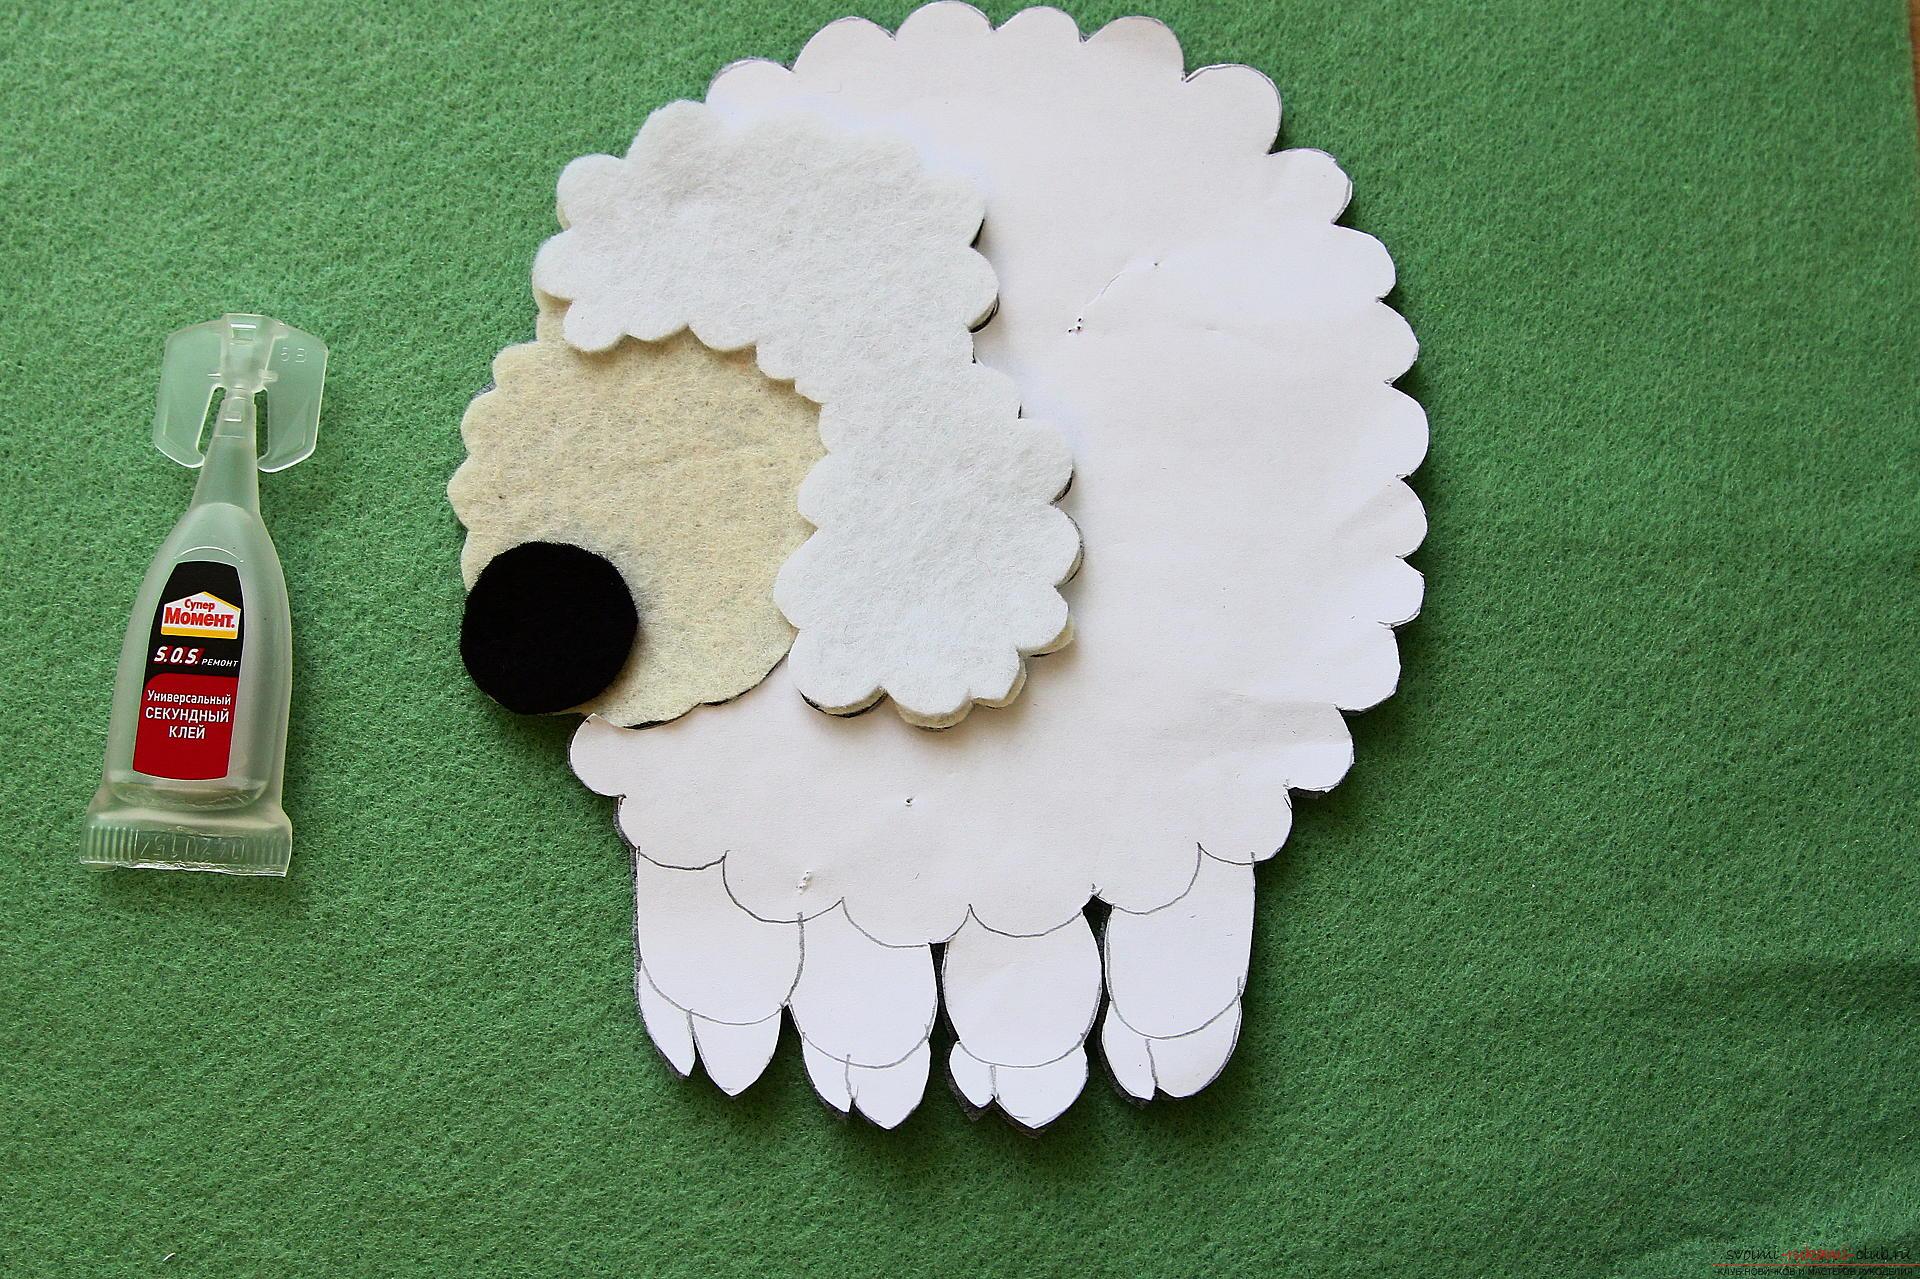 ᐉ овечка из фетра. овечка из фетра своими руками: мастер-классы по изготовлению брелока, елочной игрушки и подушки в виде овечки. функциональный сувенир – брелок из овечки ✅ igrad.su